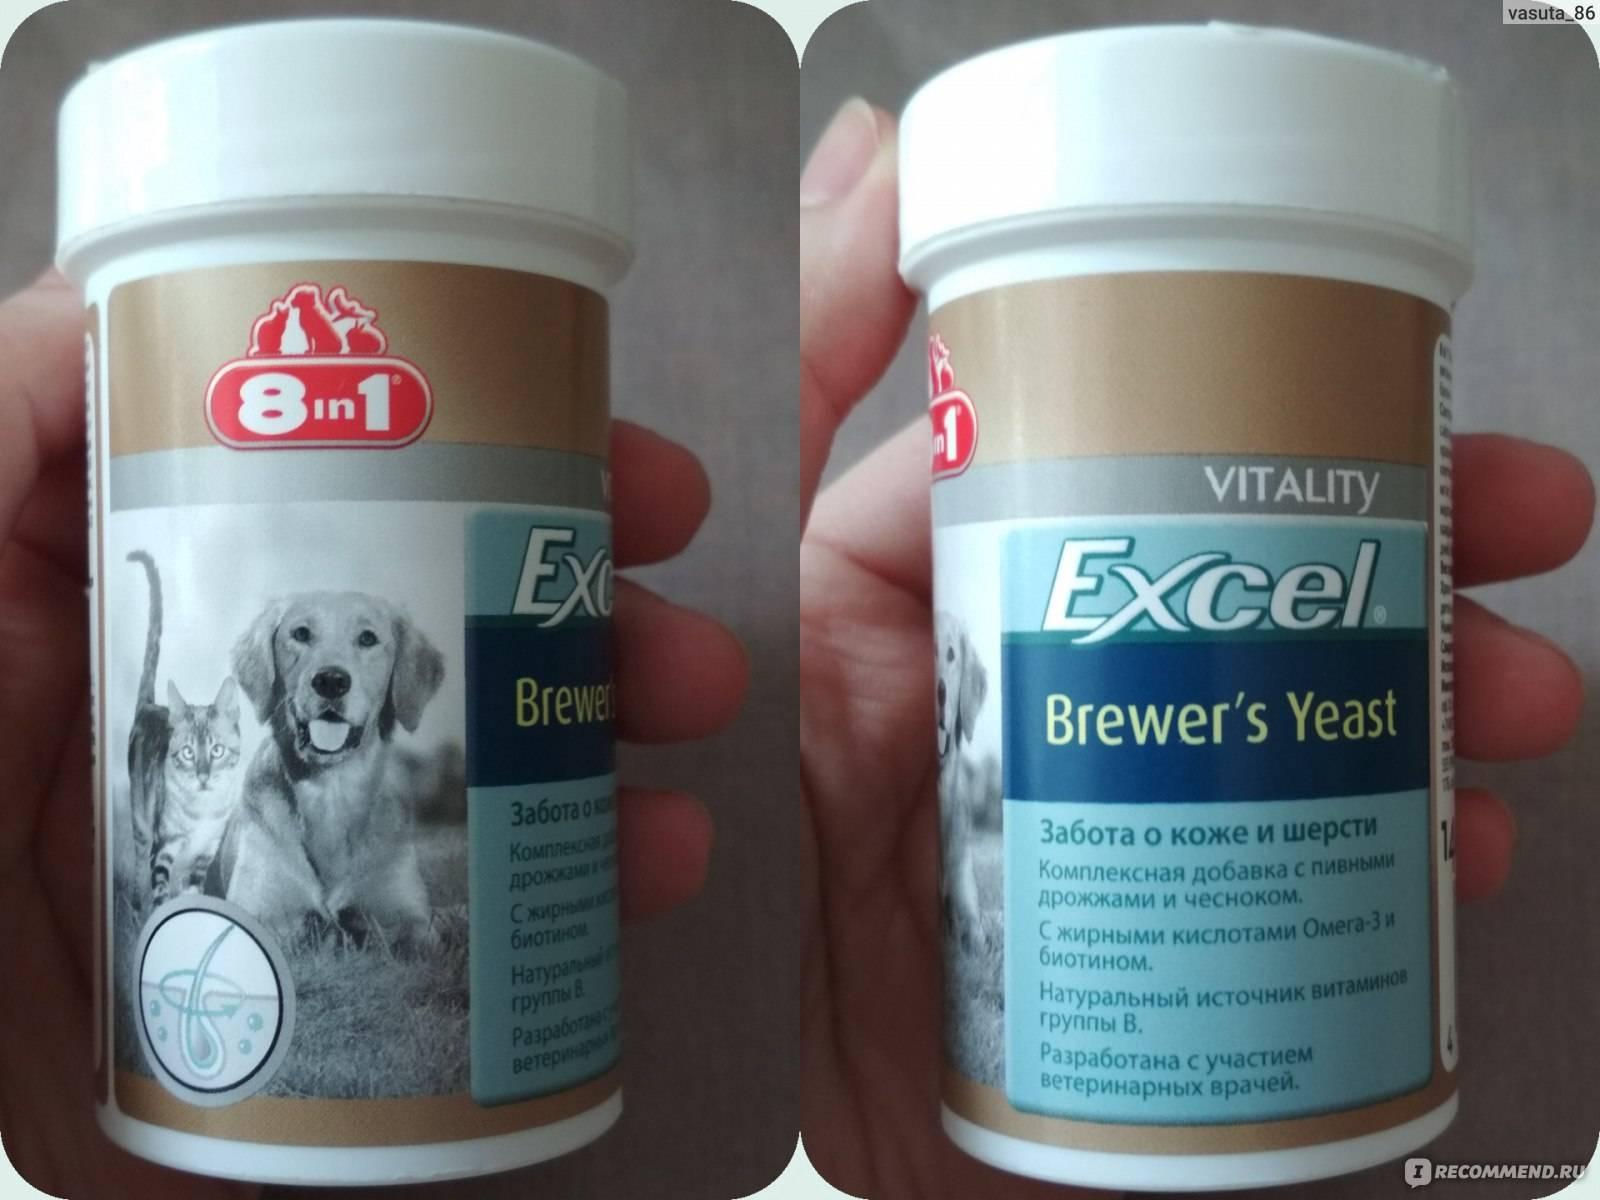 Витамины эксель для собак: для щенков, взрослых и старых собак